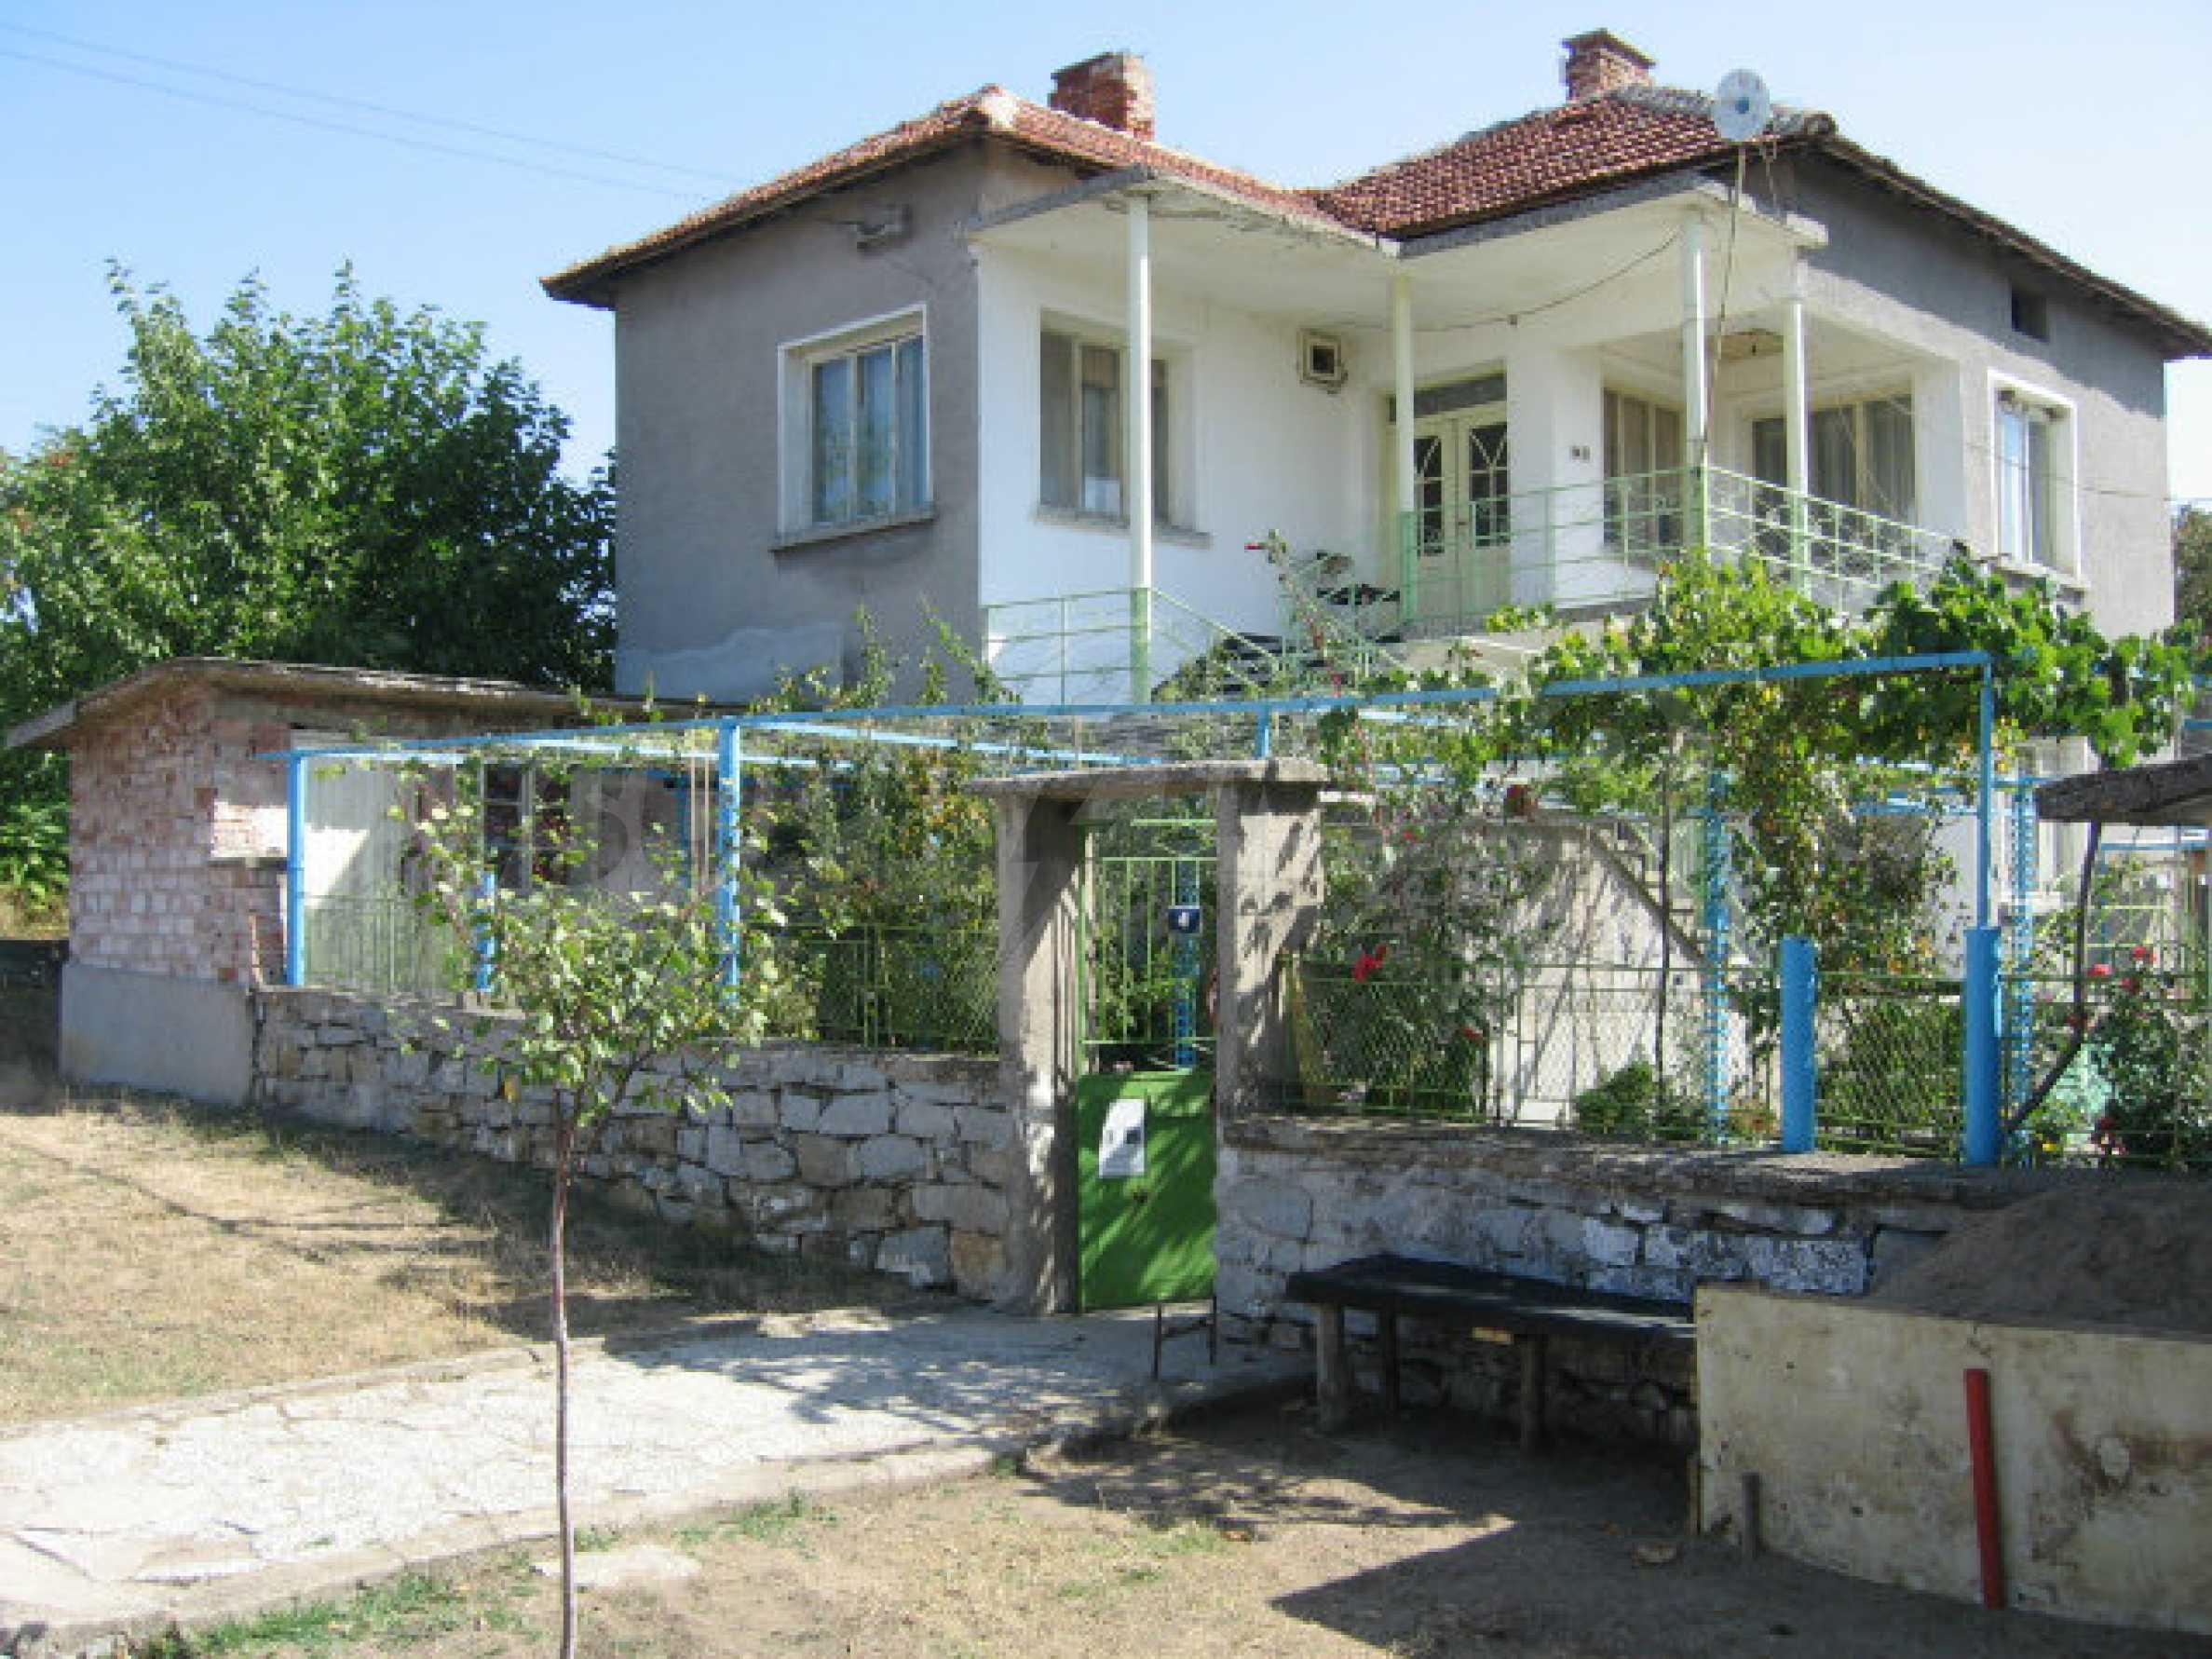 Großes und solides Haus mit einem Garten in einer schönen ländlichen Gegend in der Nähe von Topolovgrad und Elhovo 2